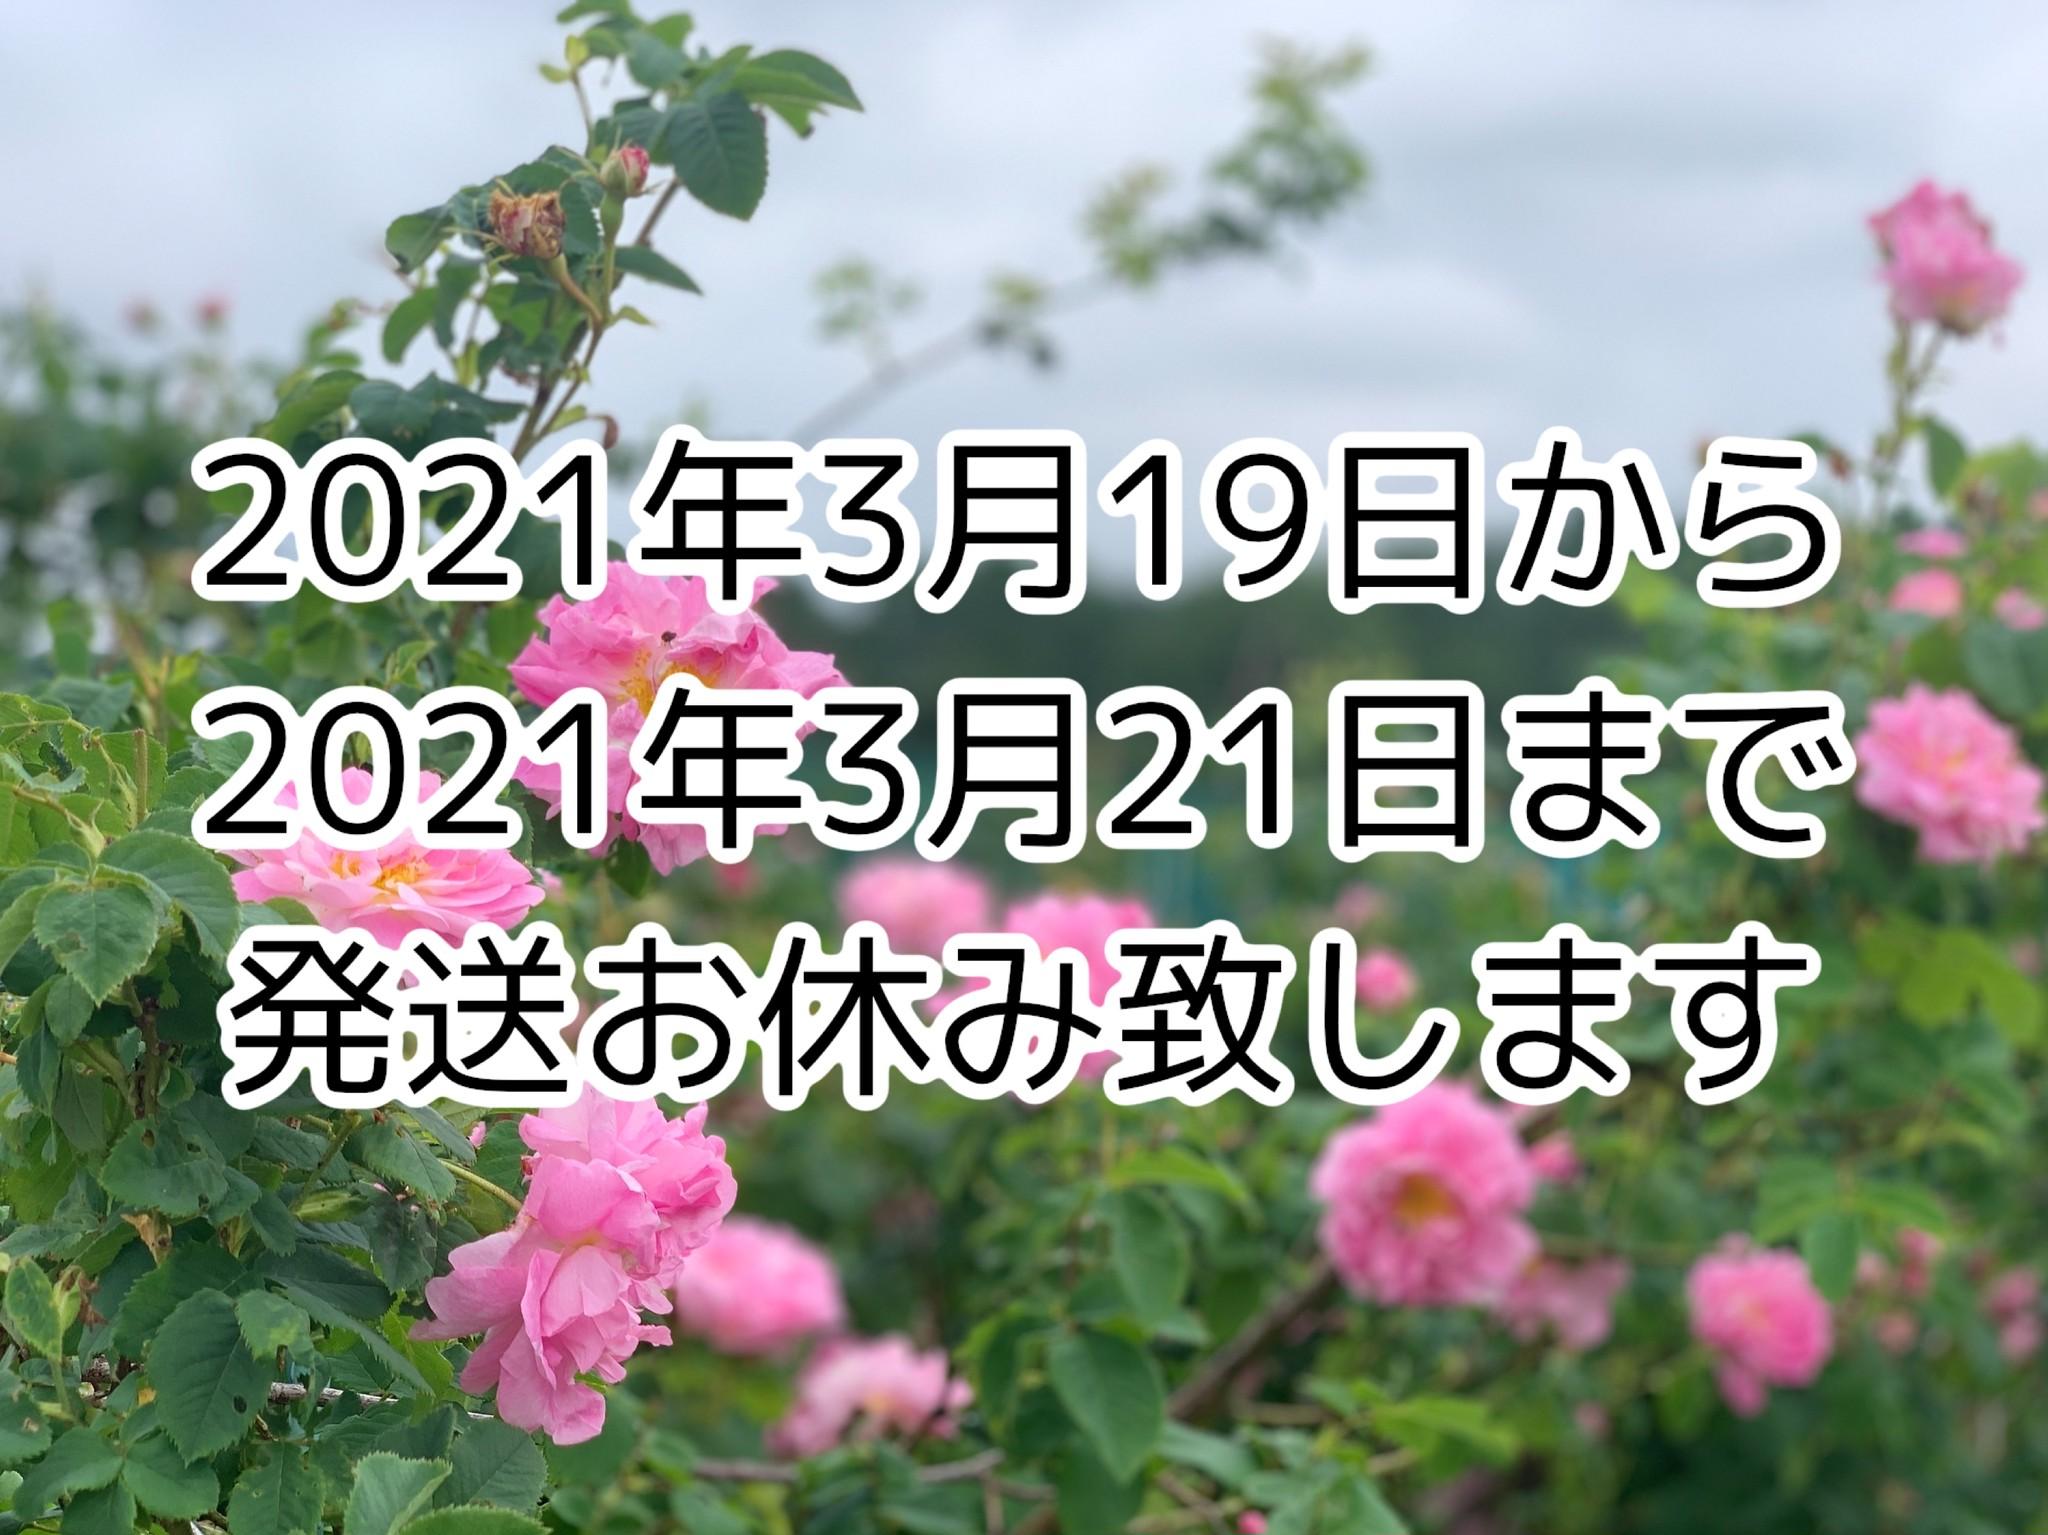 【休業のお知らせ】3/19〜3/21まで、休暇に伴い全ての発送がおやすみとなります